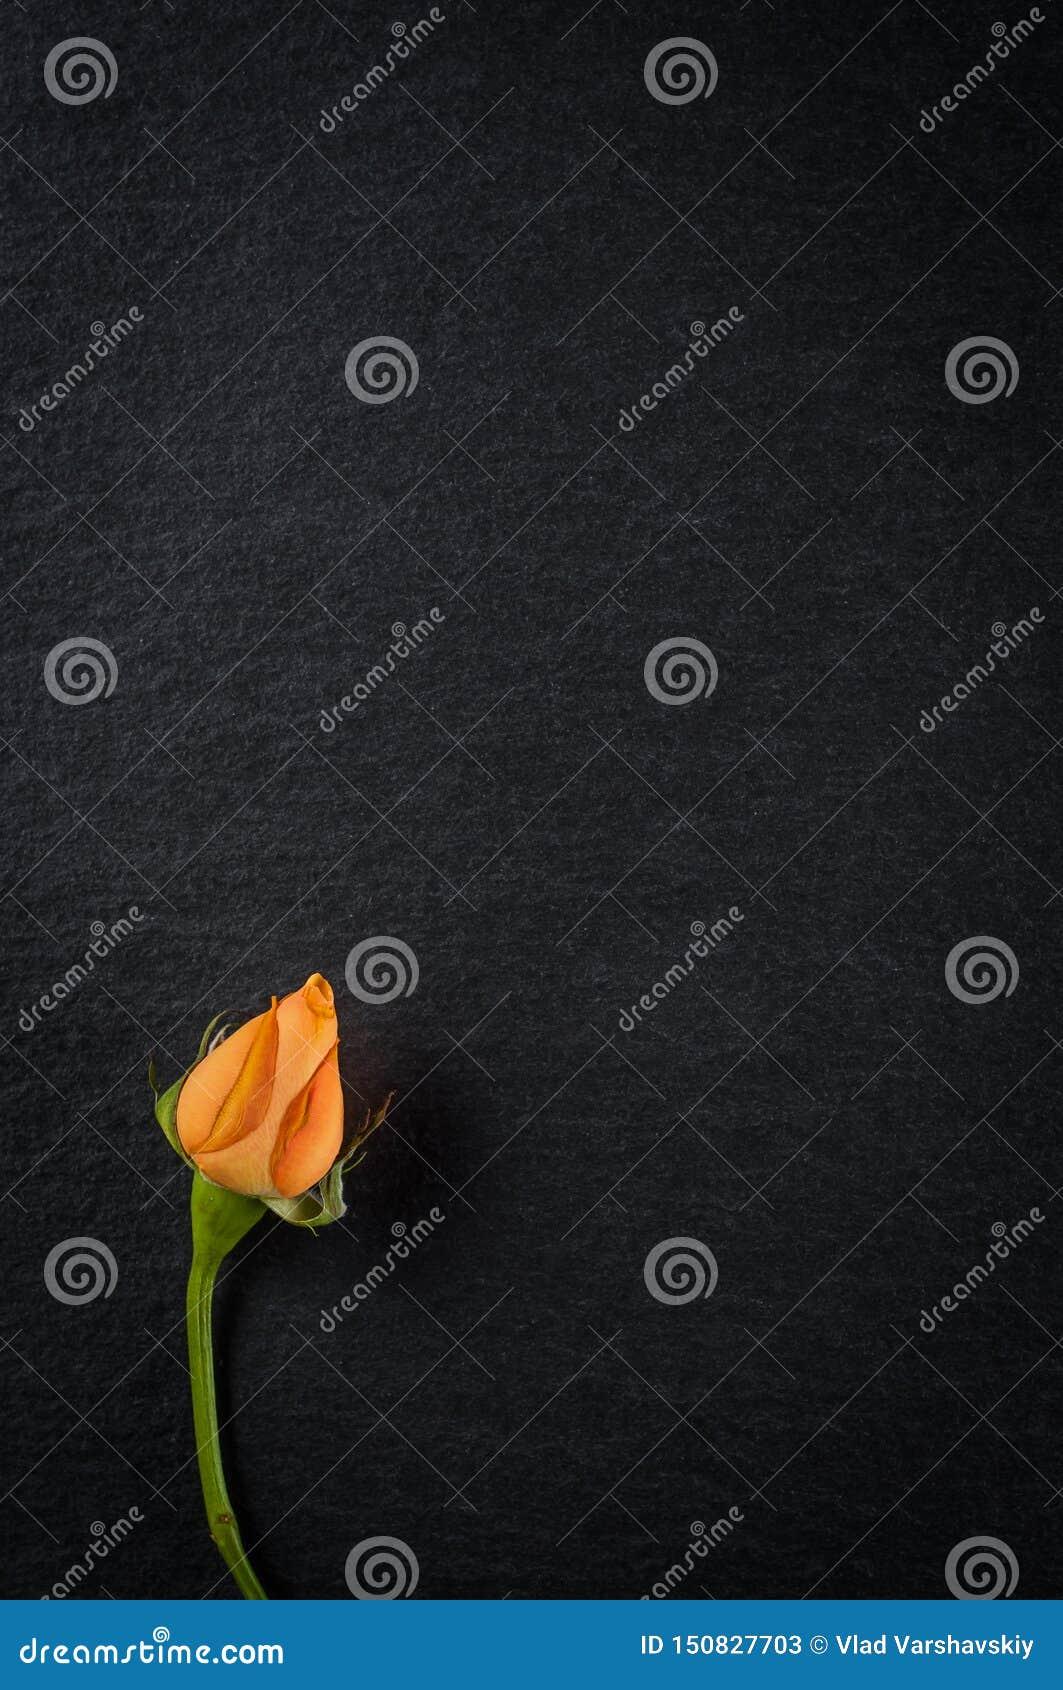 Karłowaty chińczyk róży kwiat z pomarańczowymi płatkami w górę zmroku kamienia tła, na